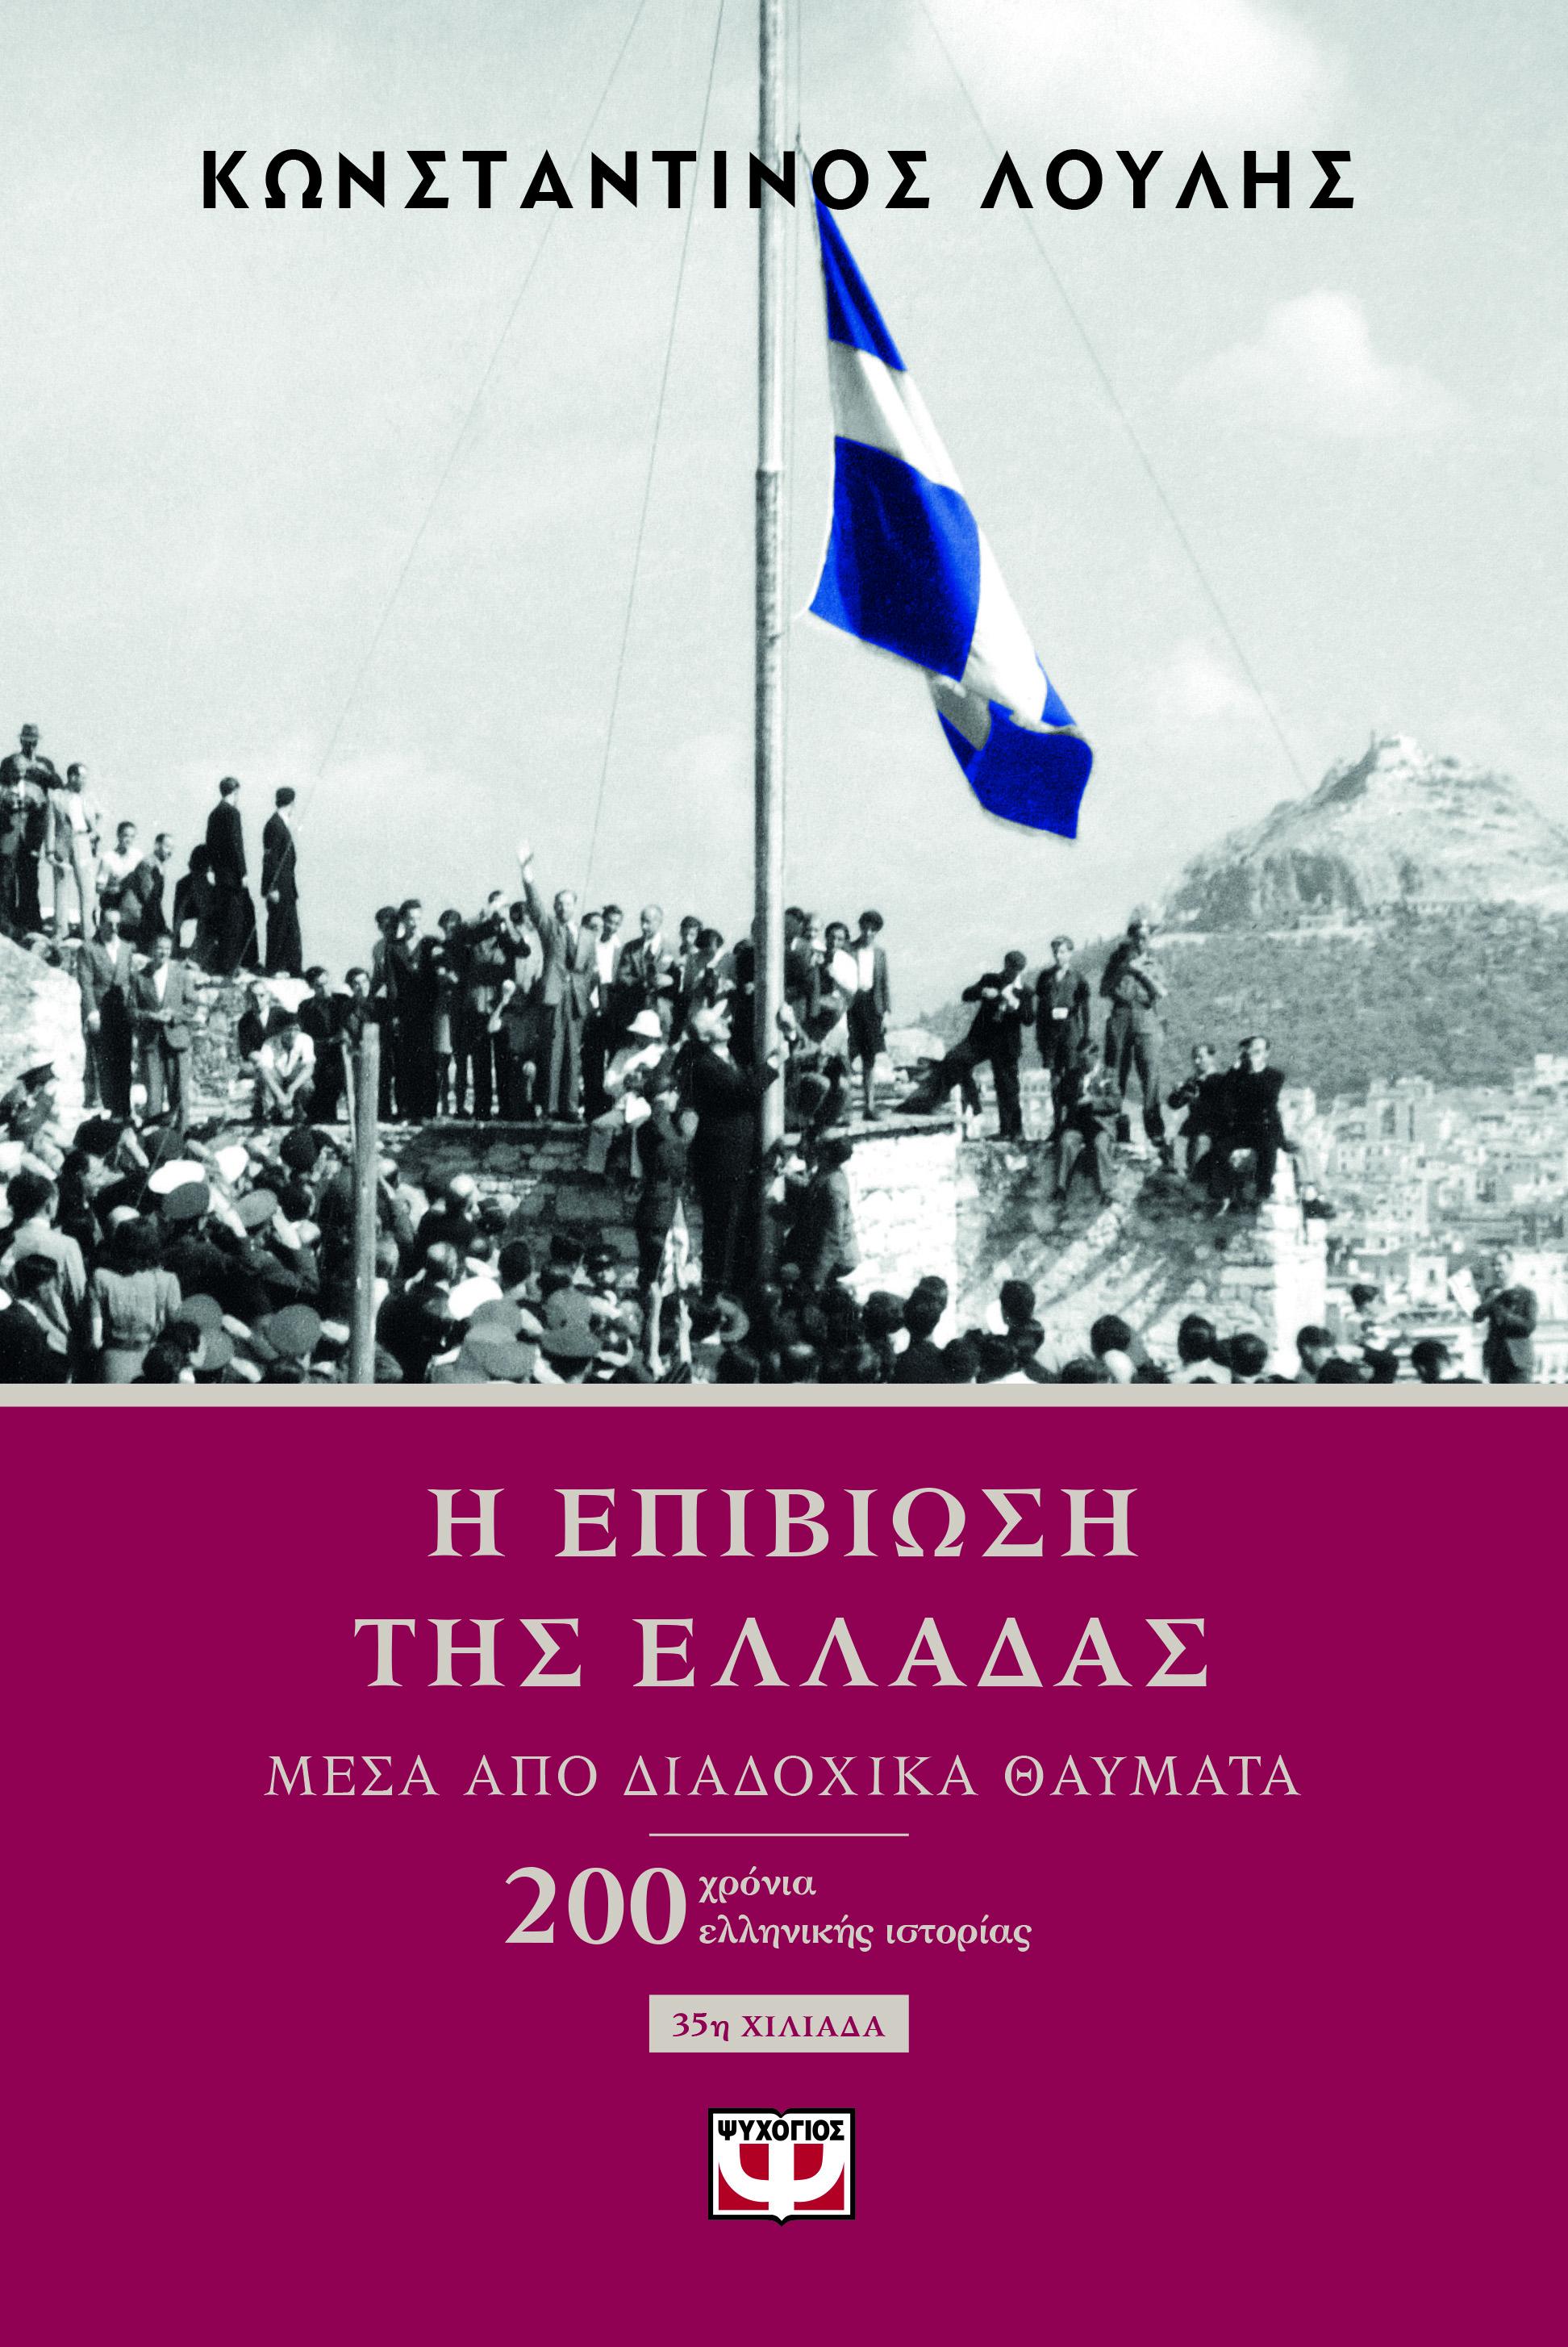 Αποτέλεσμα εικόνας για Κώστα Λούλη «Η Επιβίωση της Ελλάδας».